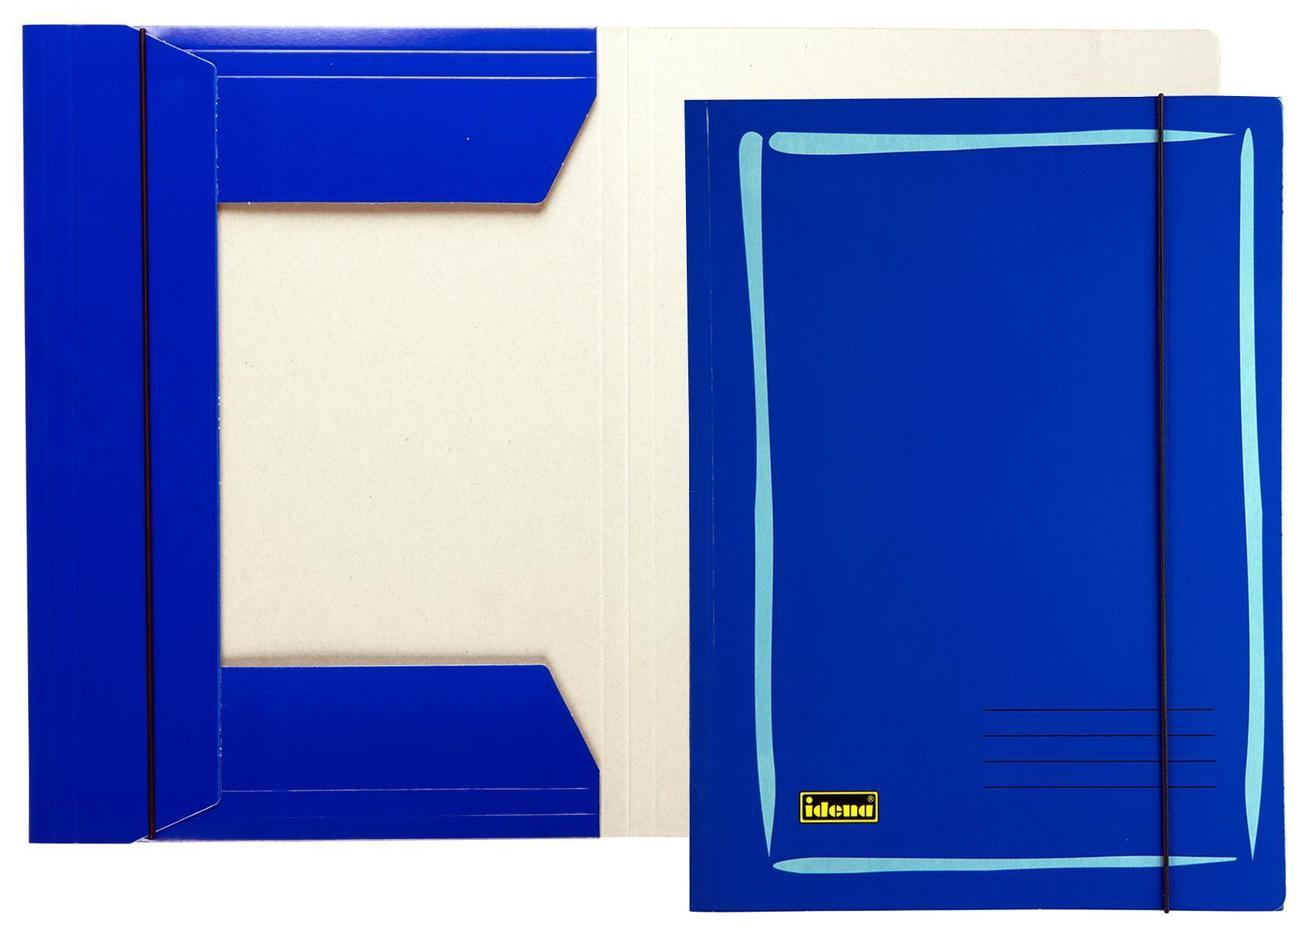 idena markenshop sammelmappe din a4 aus glanzkarton 300 g m blau online kaufen. Black Bedroom Furniture Sets. Home Design Ideas